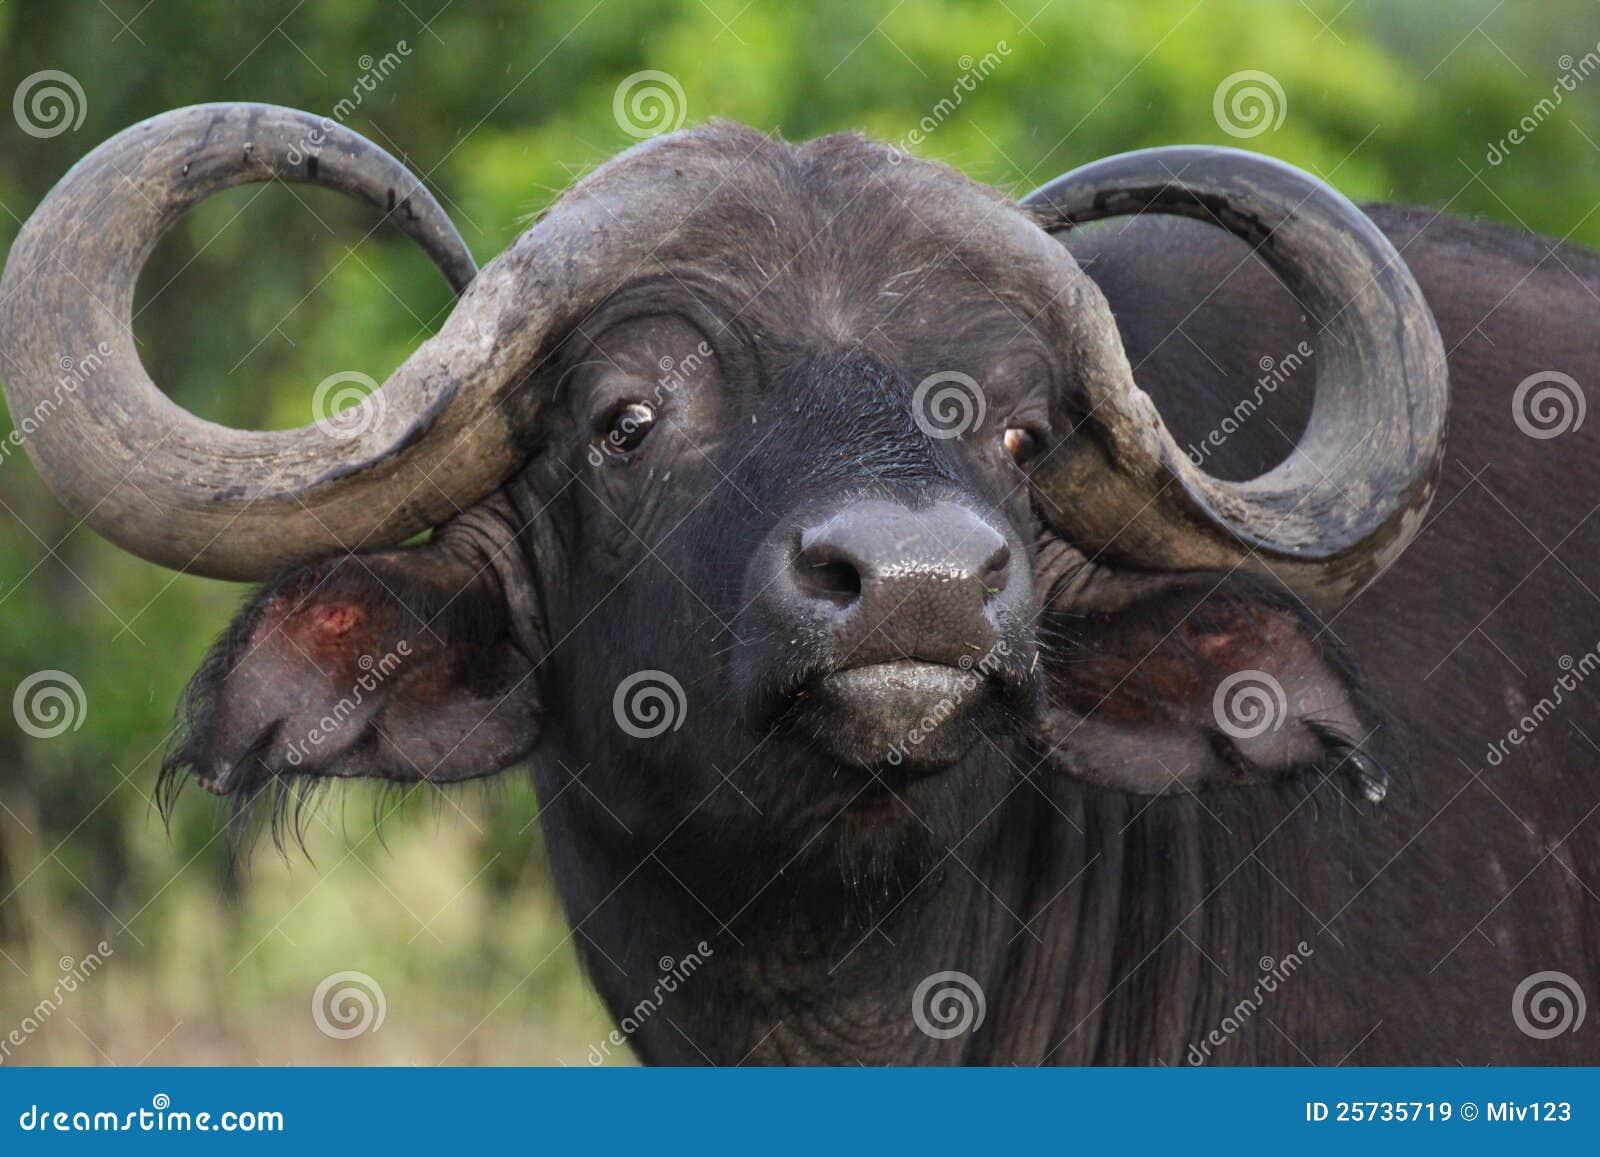 Wild buffalo in Masai Mara, Kenya